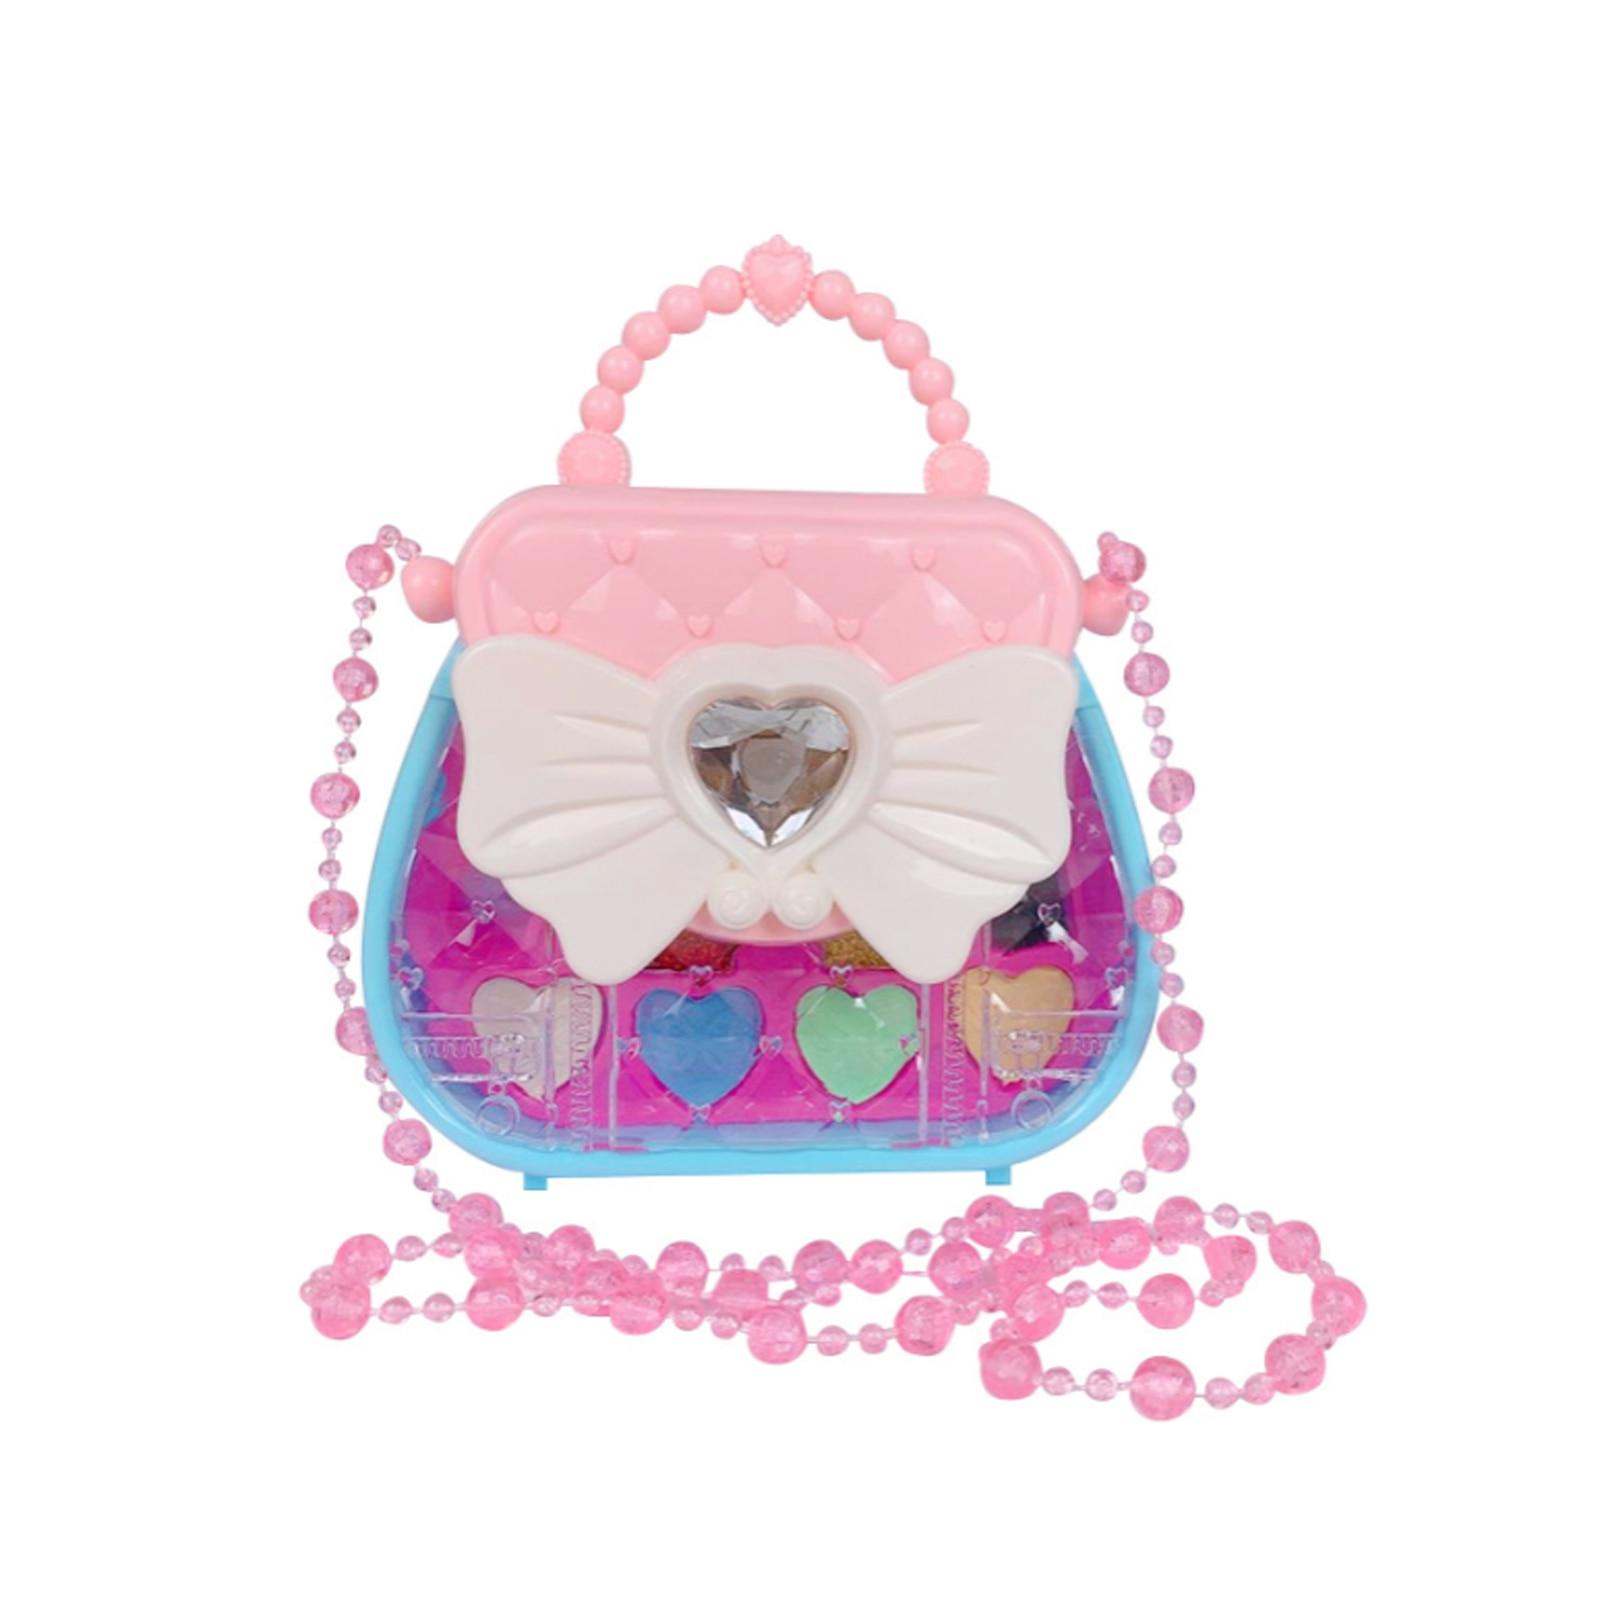 Детский набор для макияжа, ролевая игра, моющийся набор для макияжа, подарочный набор для макияжа, косметический набор для принцессы, ролева...